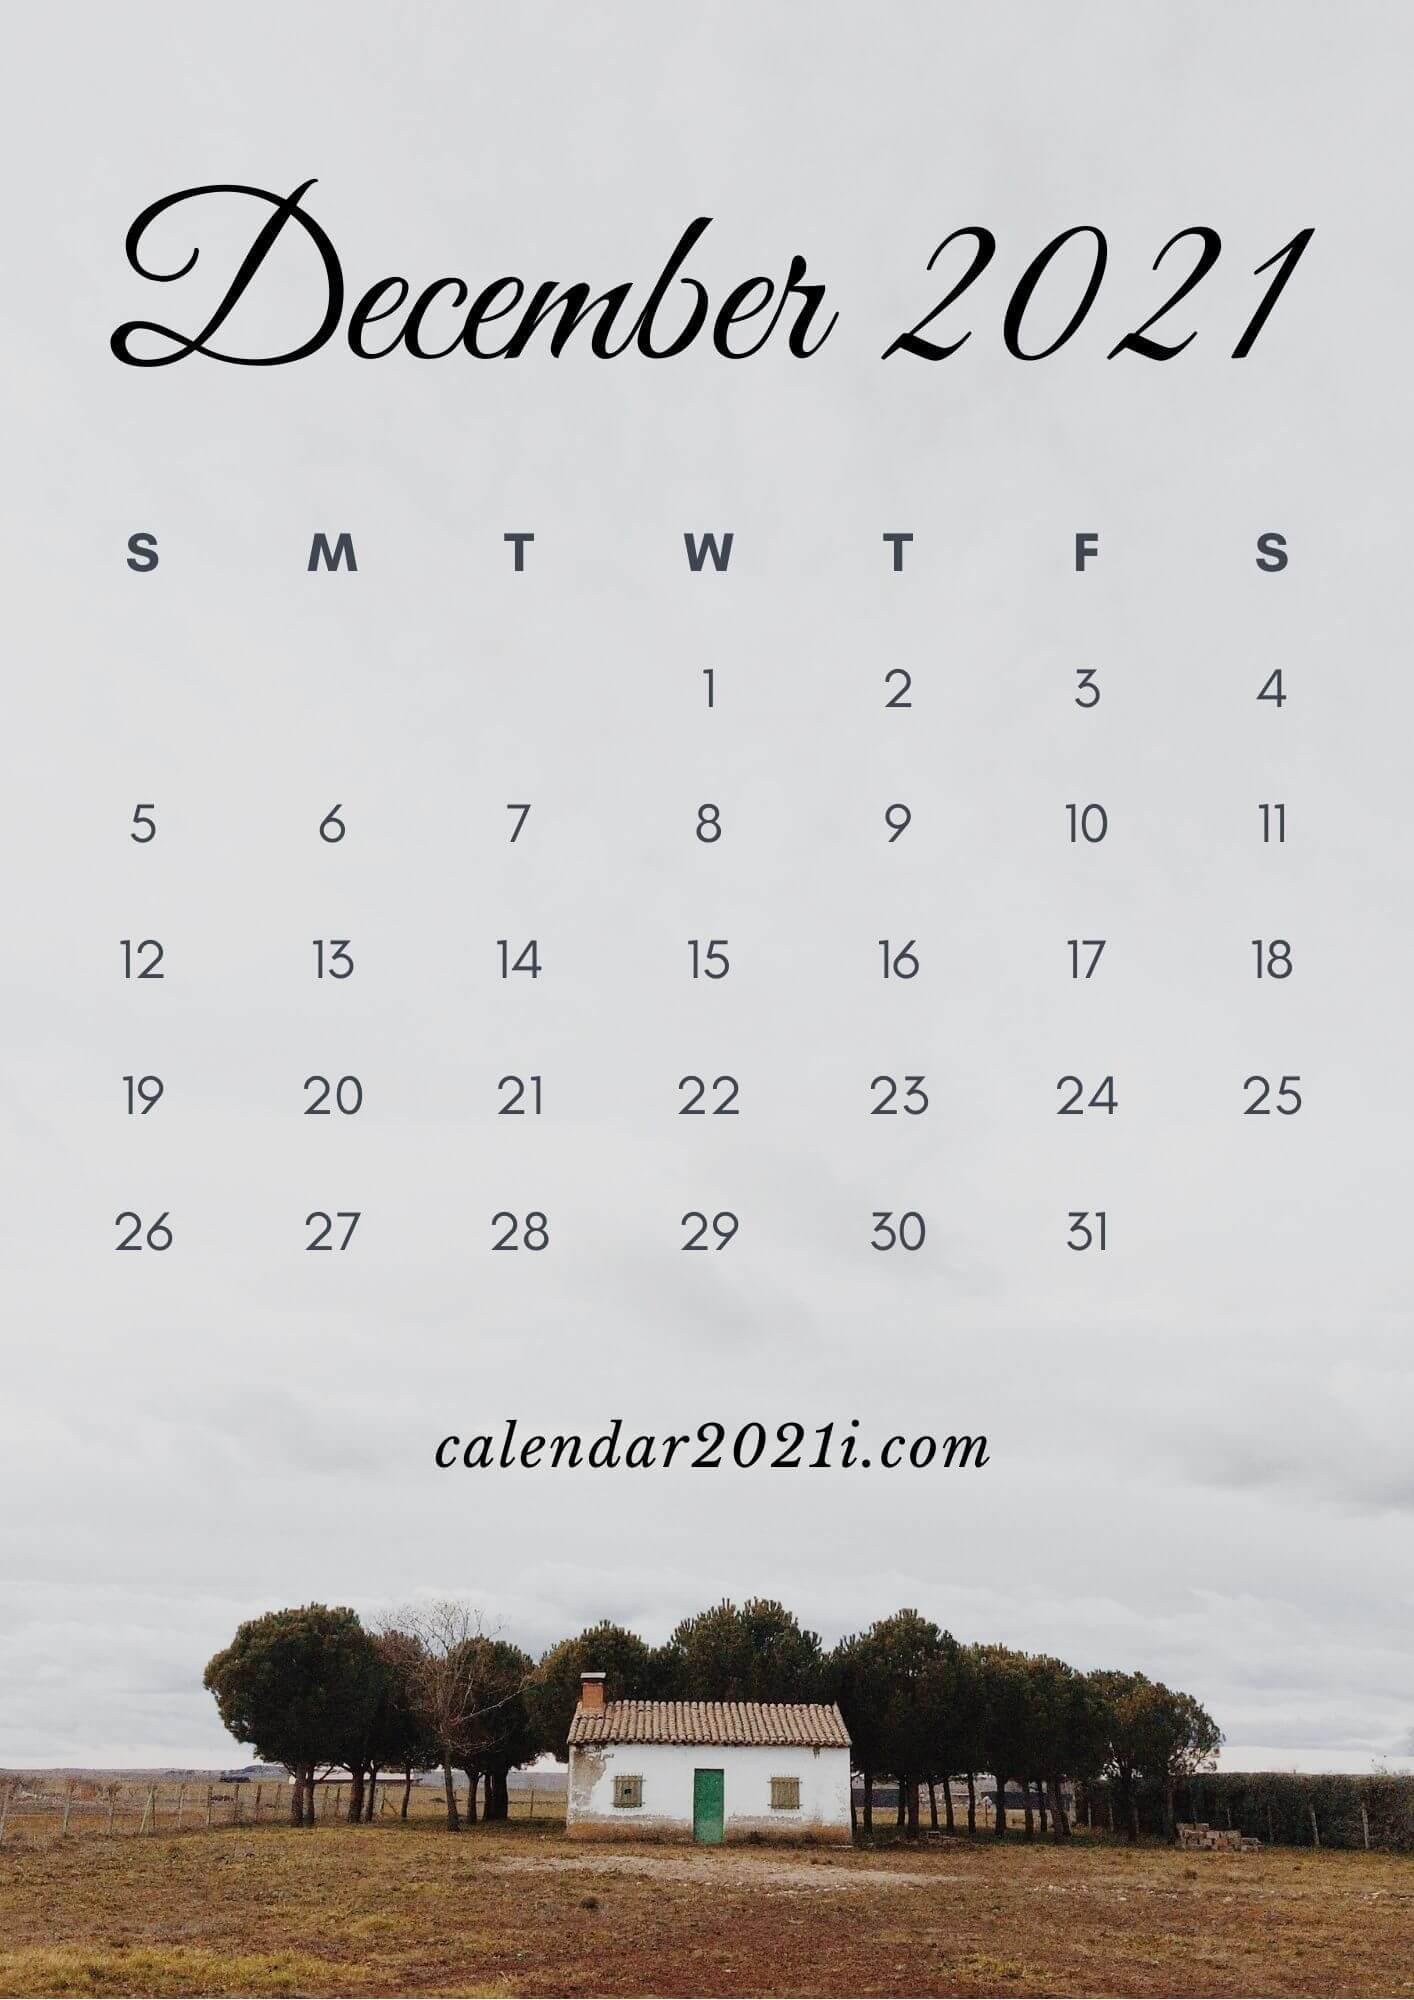 December 2021 Calendar Wallpaper